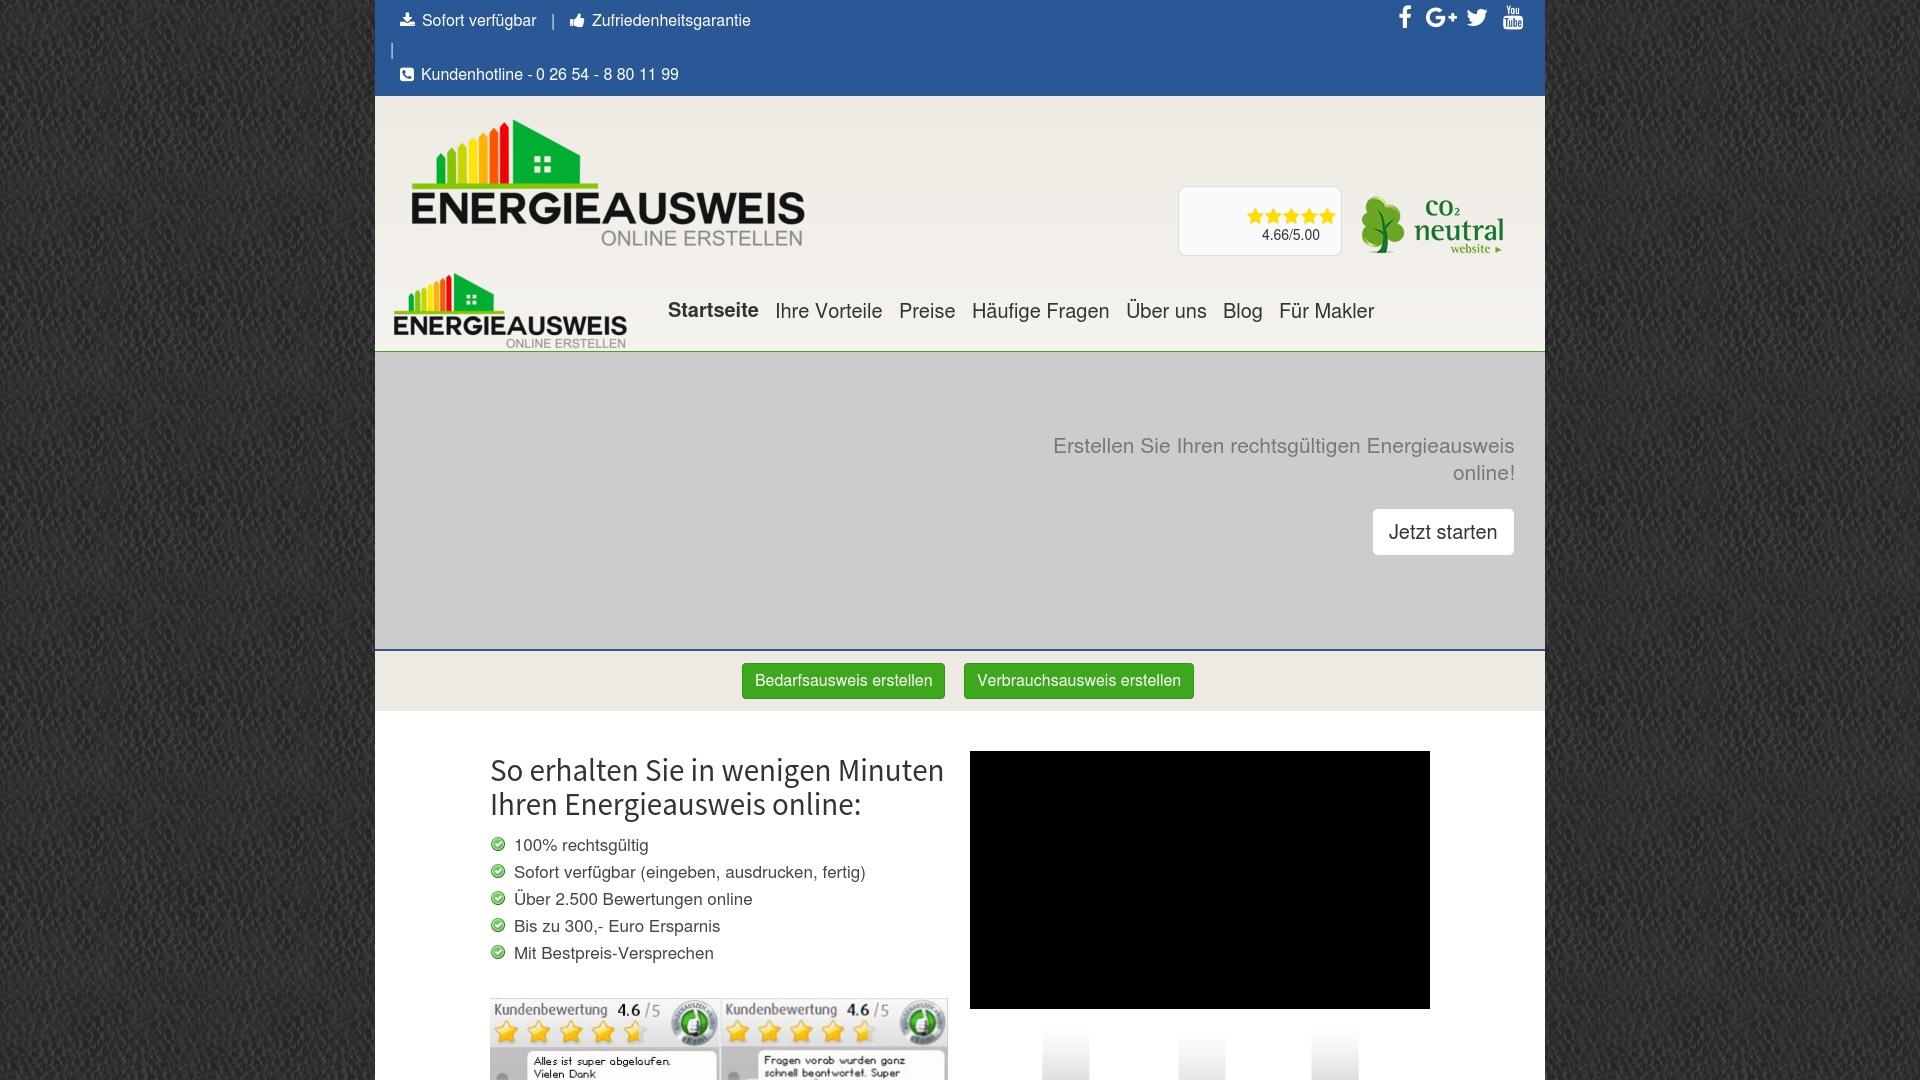 Gutschein für Energieausweis-online-erstellen: Rabatte für  Energieausweis-online-erstellen sichern